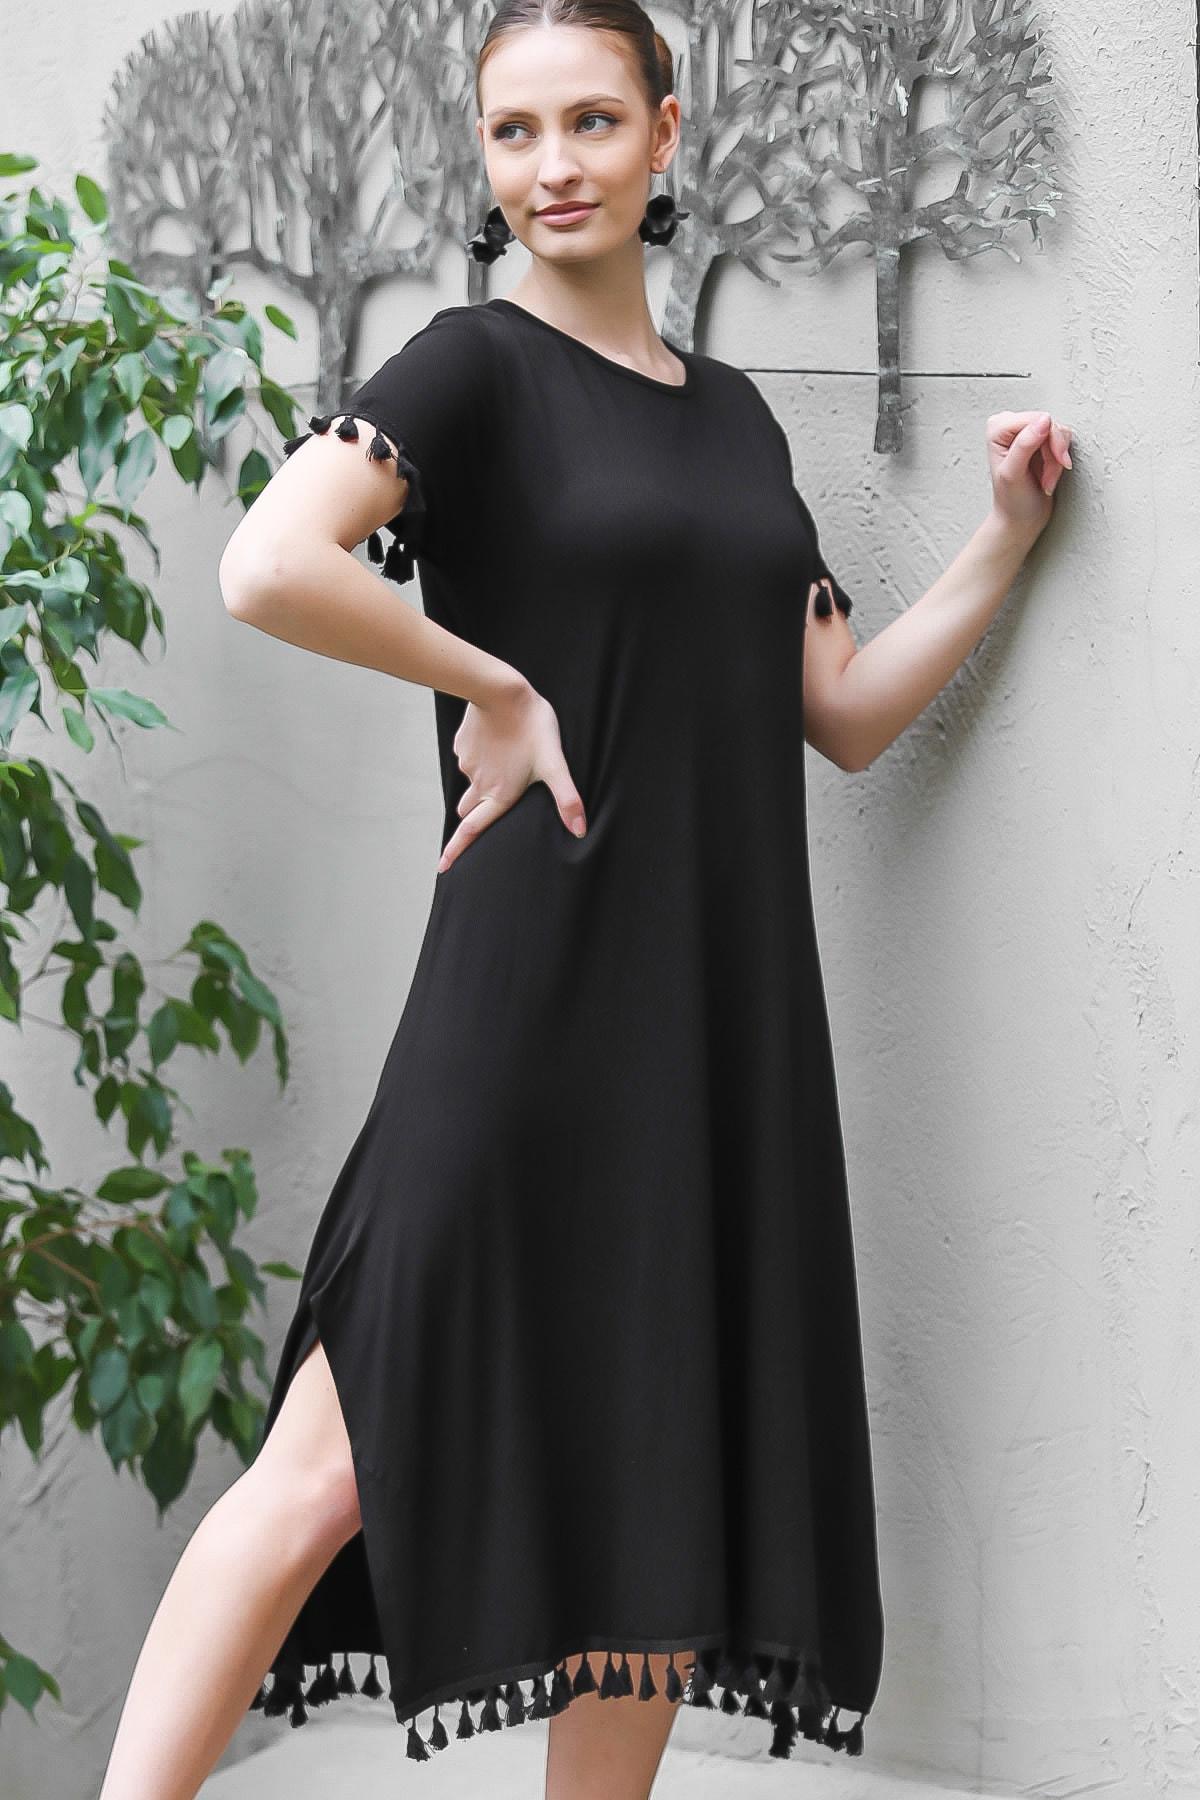 Chiccy Kadın Siyah Sıfır Yaka Kol Ve Etek Ucu Püsküllü Yırtmaçlı Elbise M10160000EL95067 0